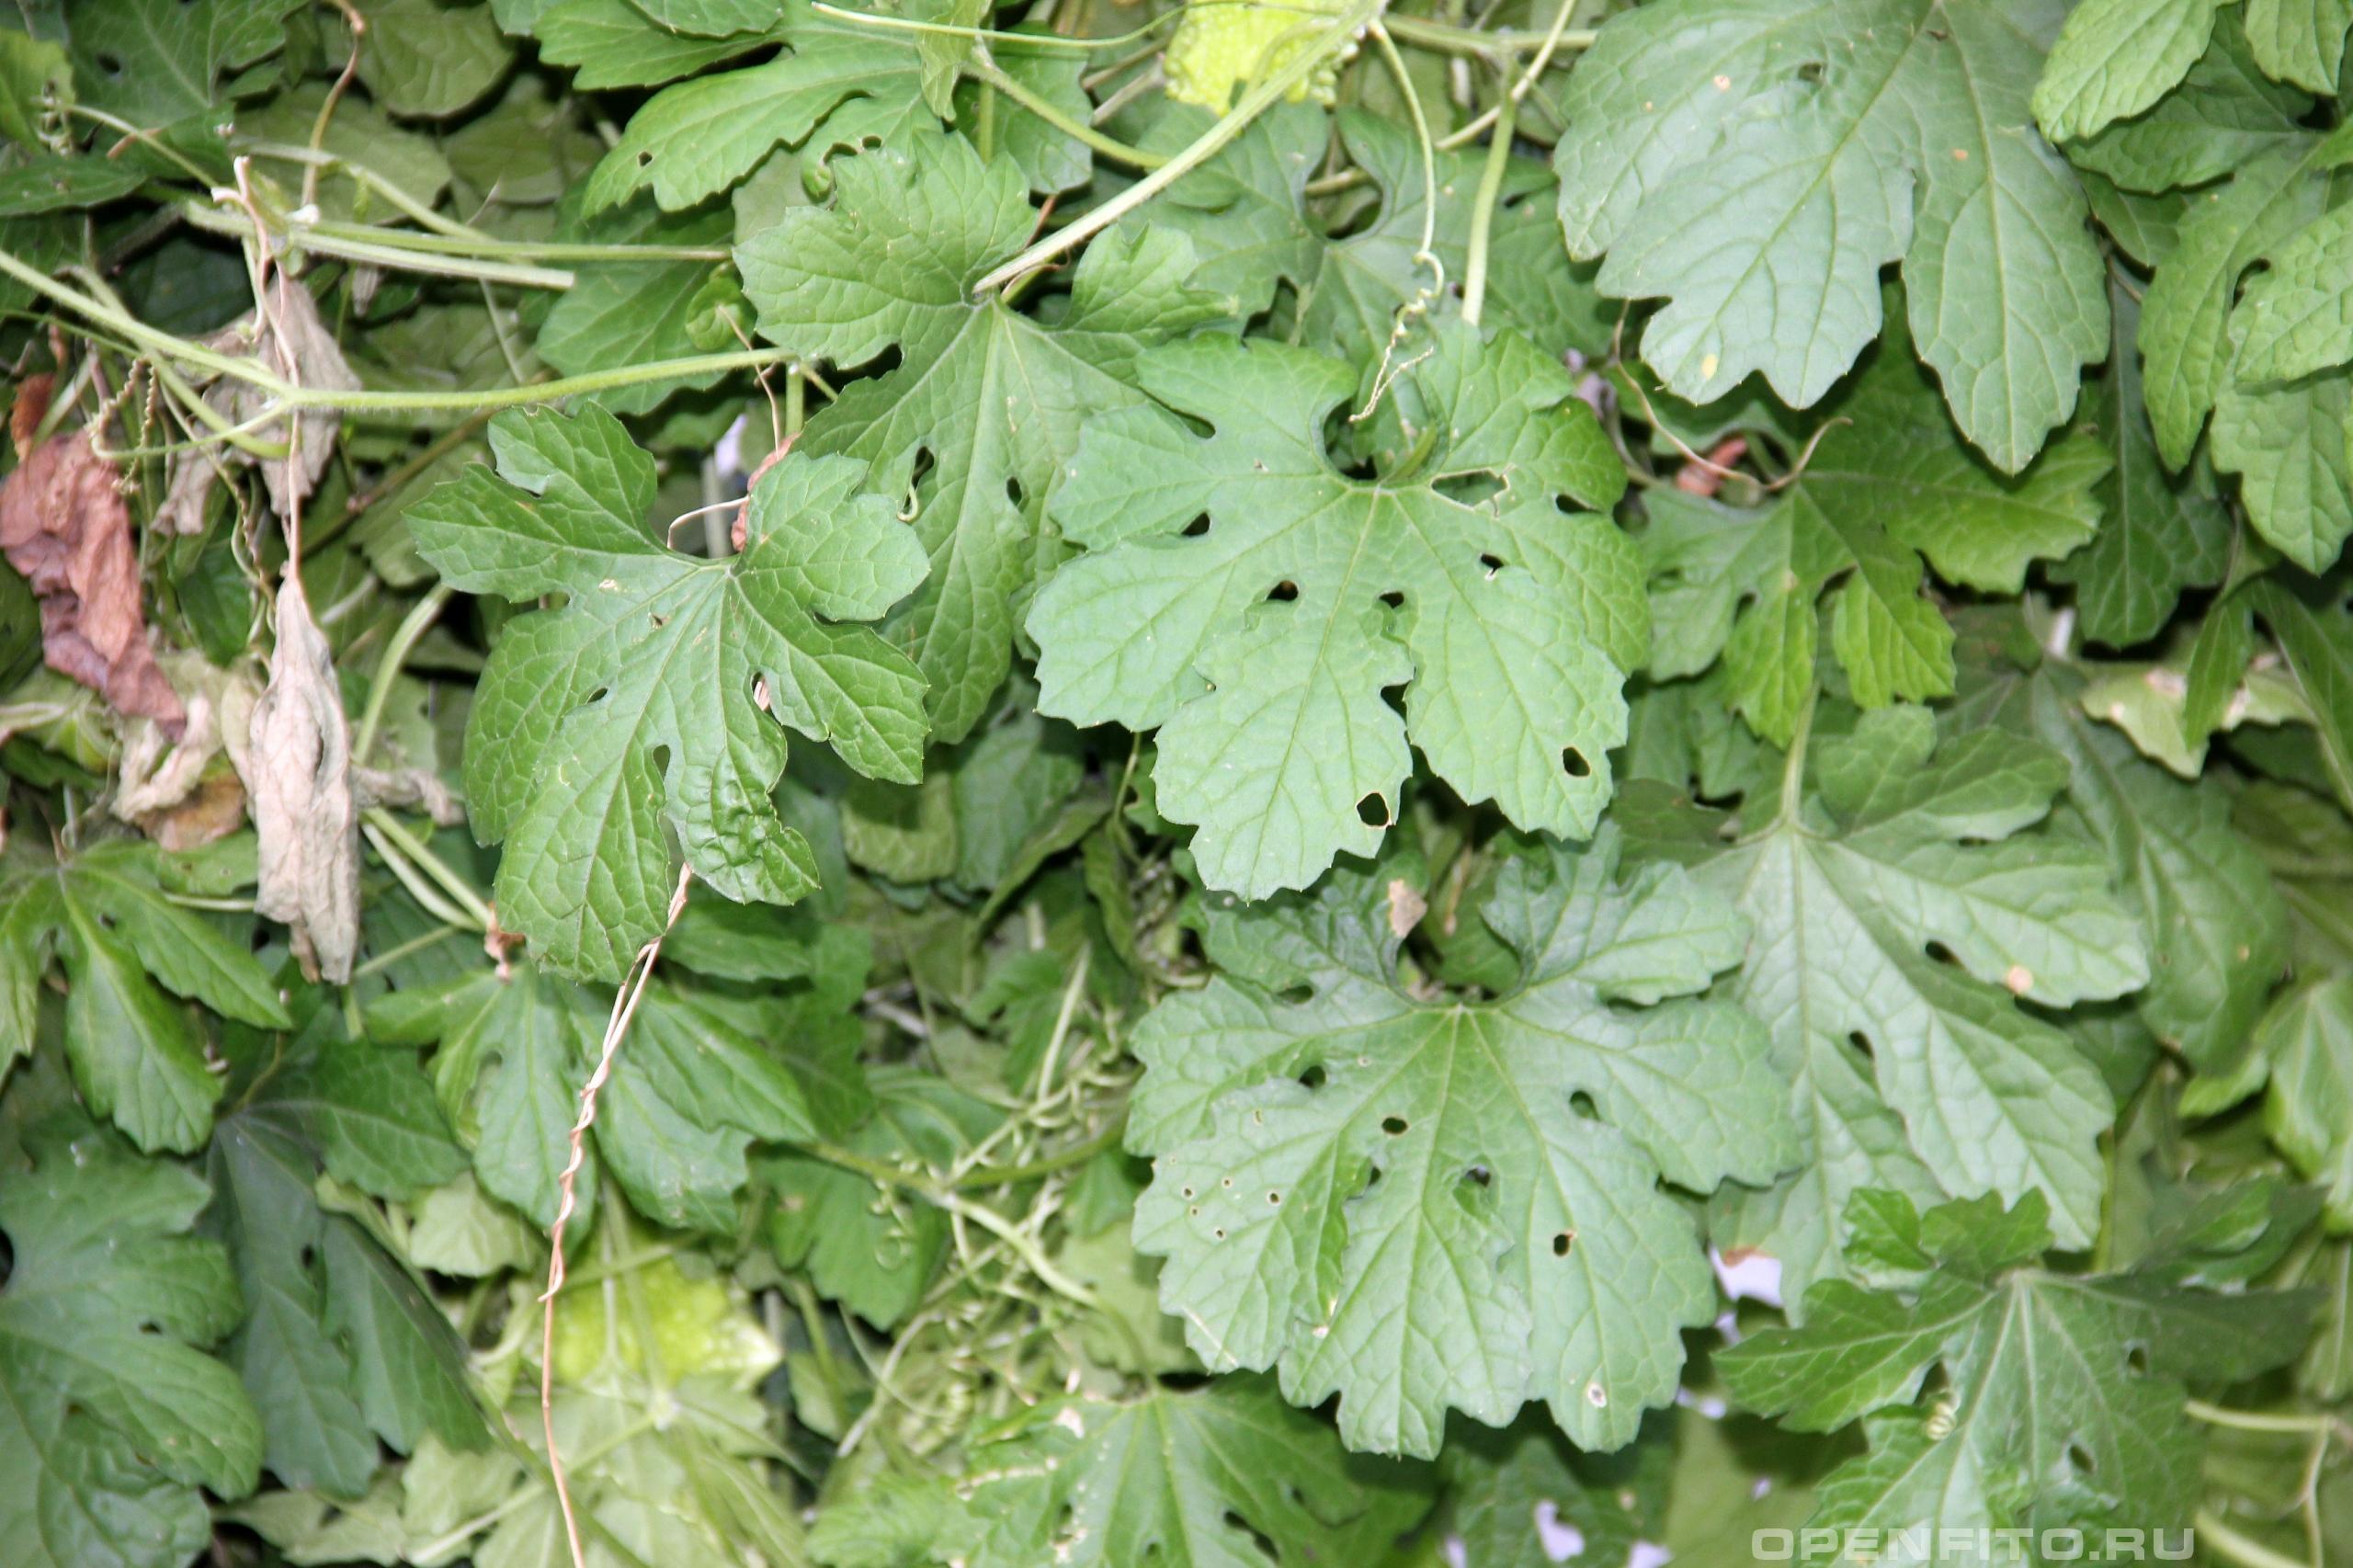 Момордика харантия листья